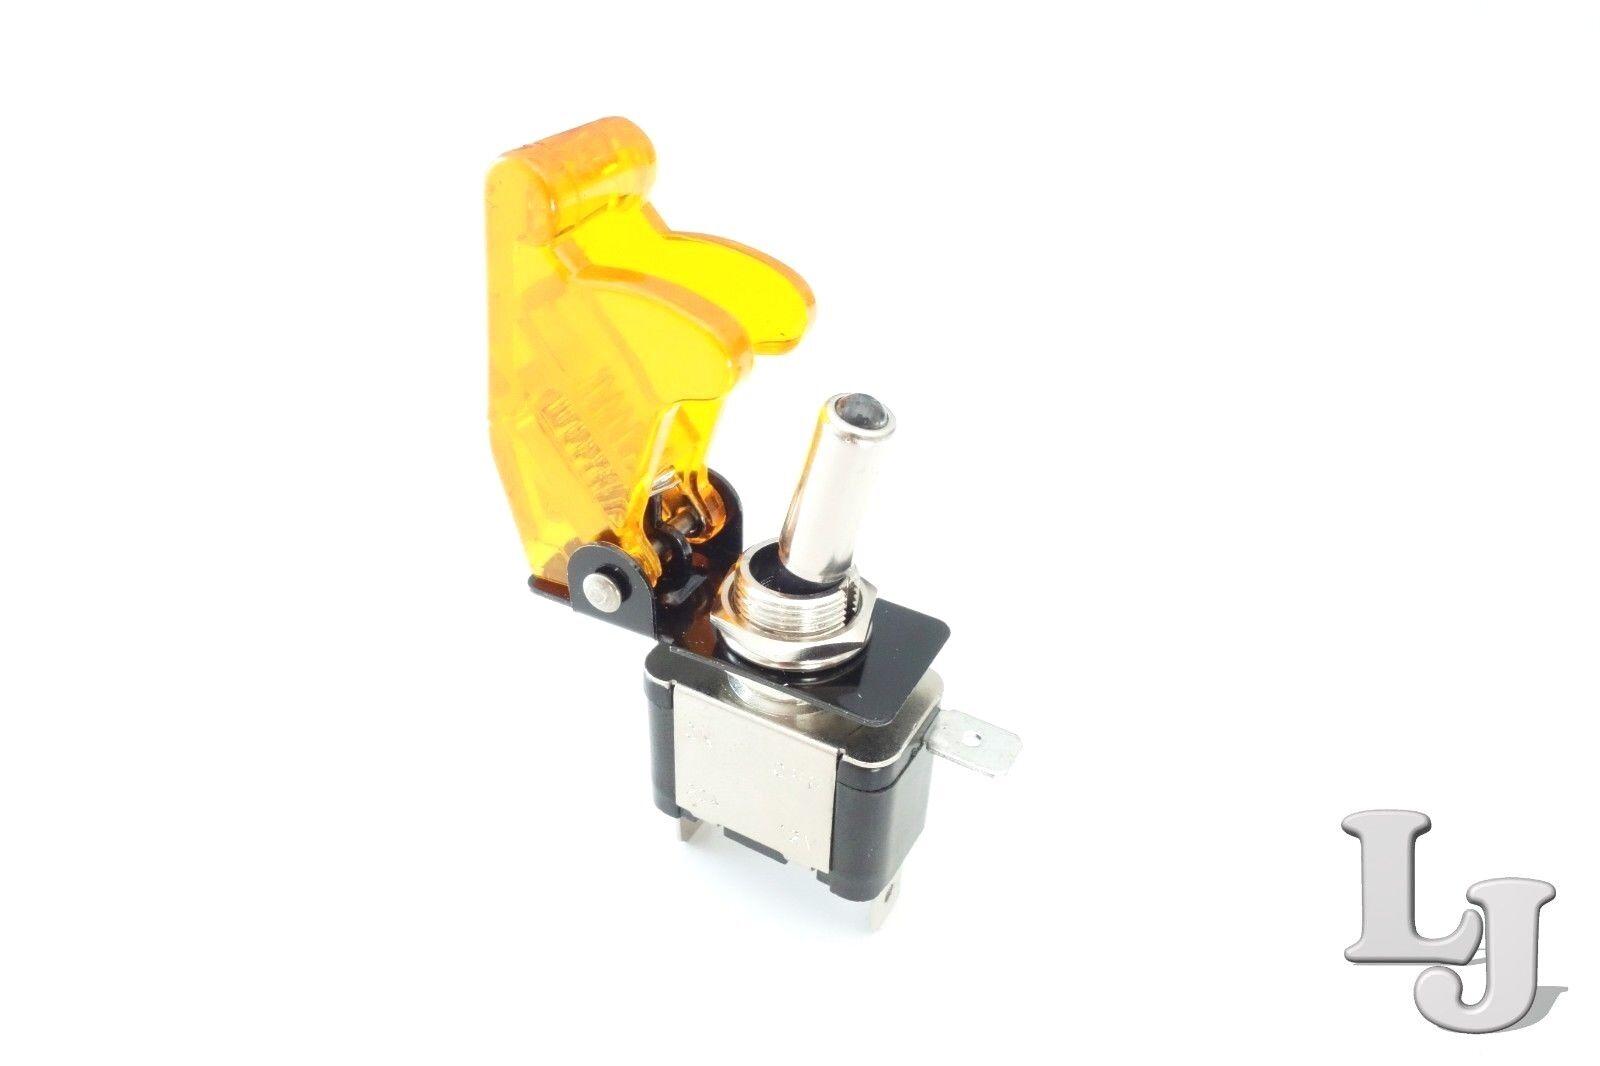 12mm Kippschalter KFZ Boot Schalter Schutz Kappe Schutzkappe Gelb Transparent f